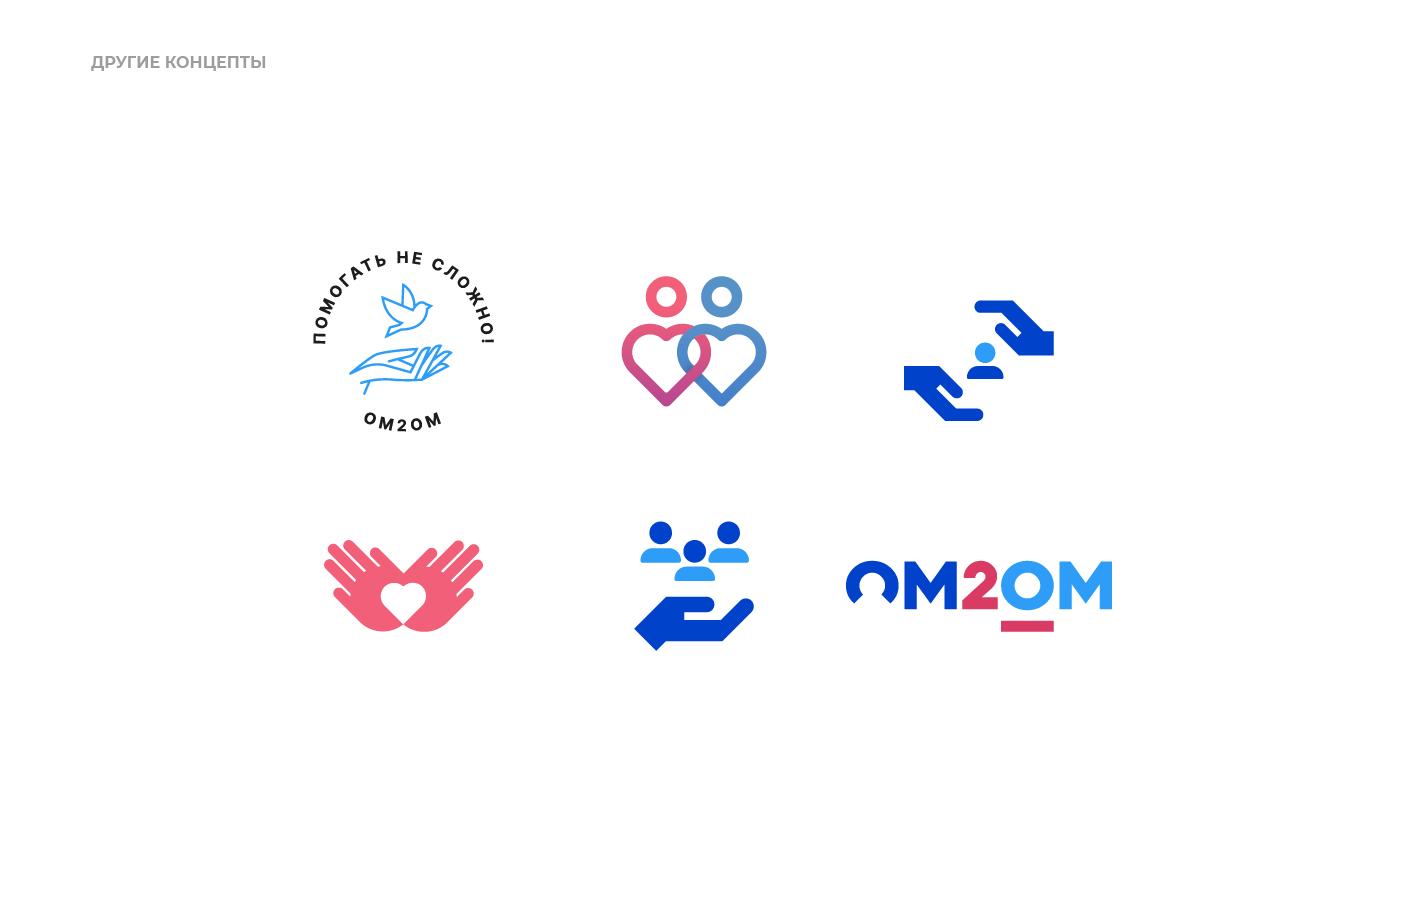 Разработка логотипа для краудфандинговой платформы om2om.md фото f_5445f5fb9d6e259c.png